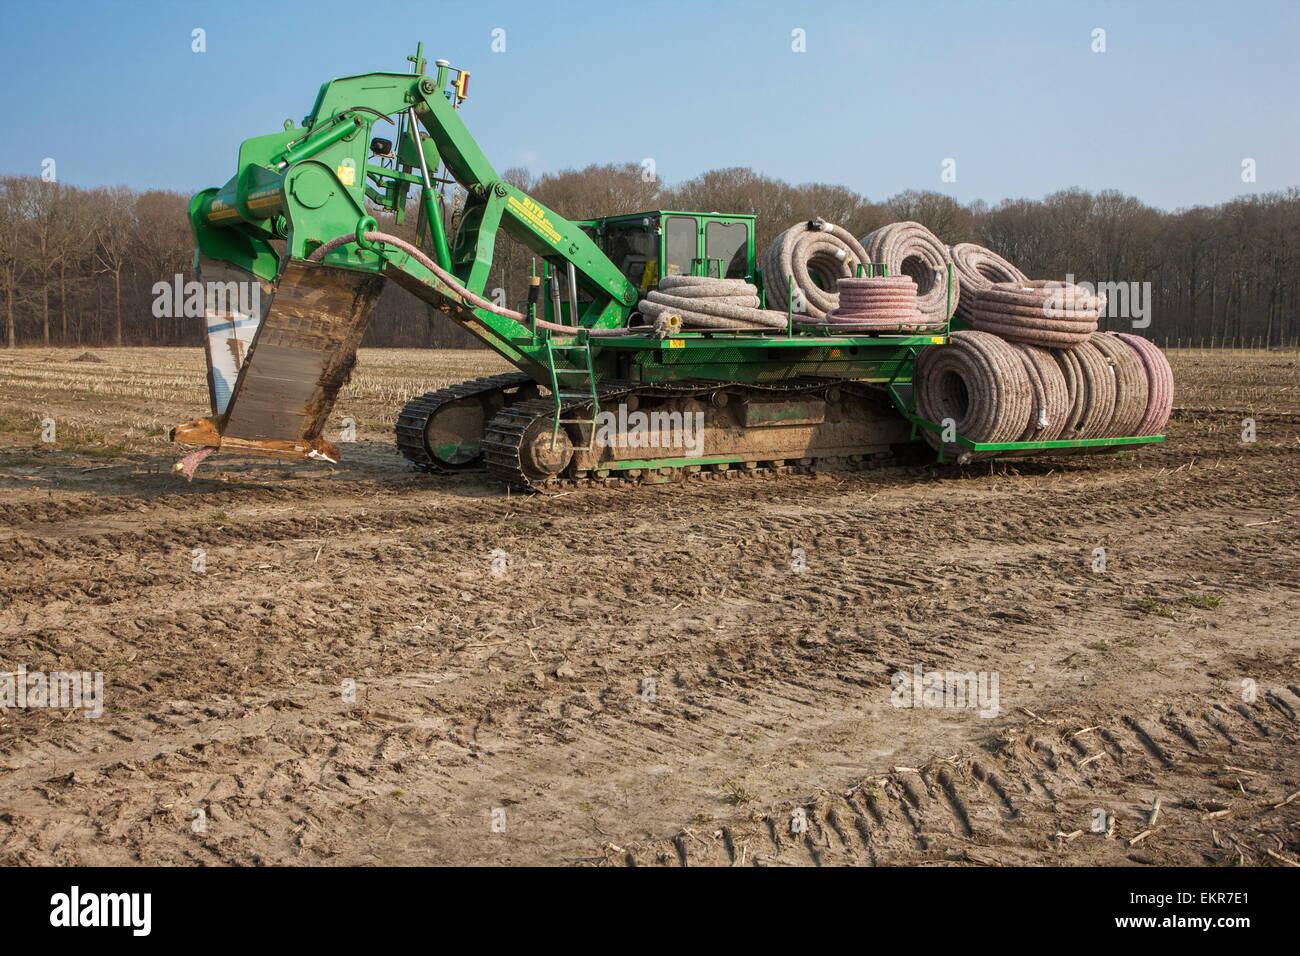 Il drenaggio scavatrincee / tile aratro con carico di tubazioni di drenaggio lavora su terreni agricoli Immagini Stock